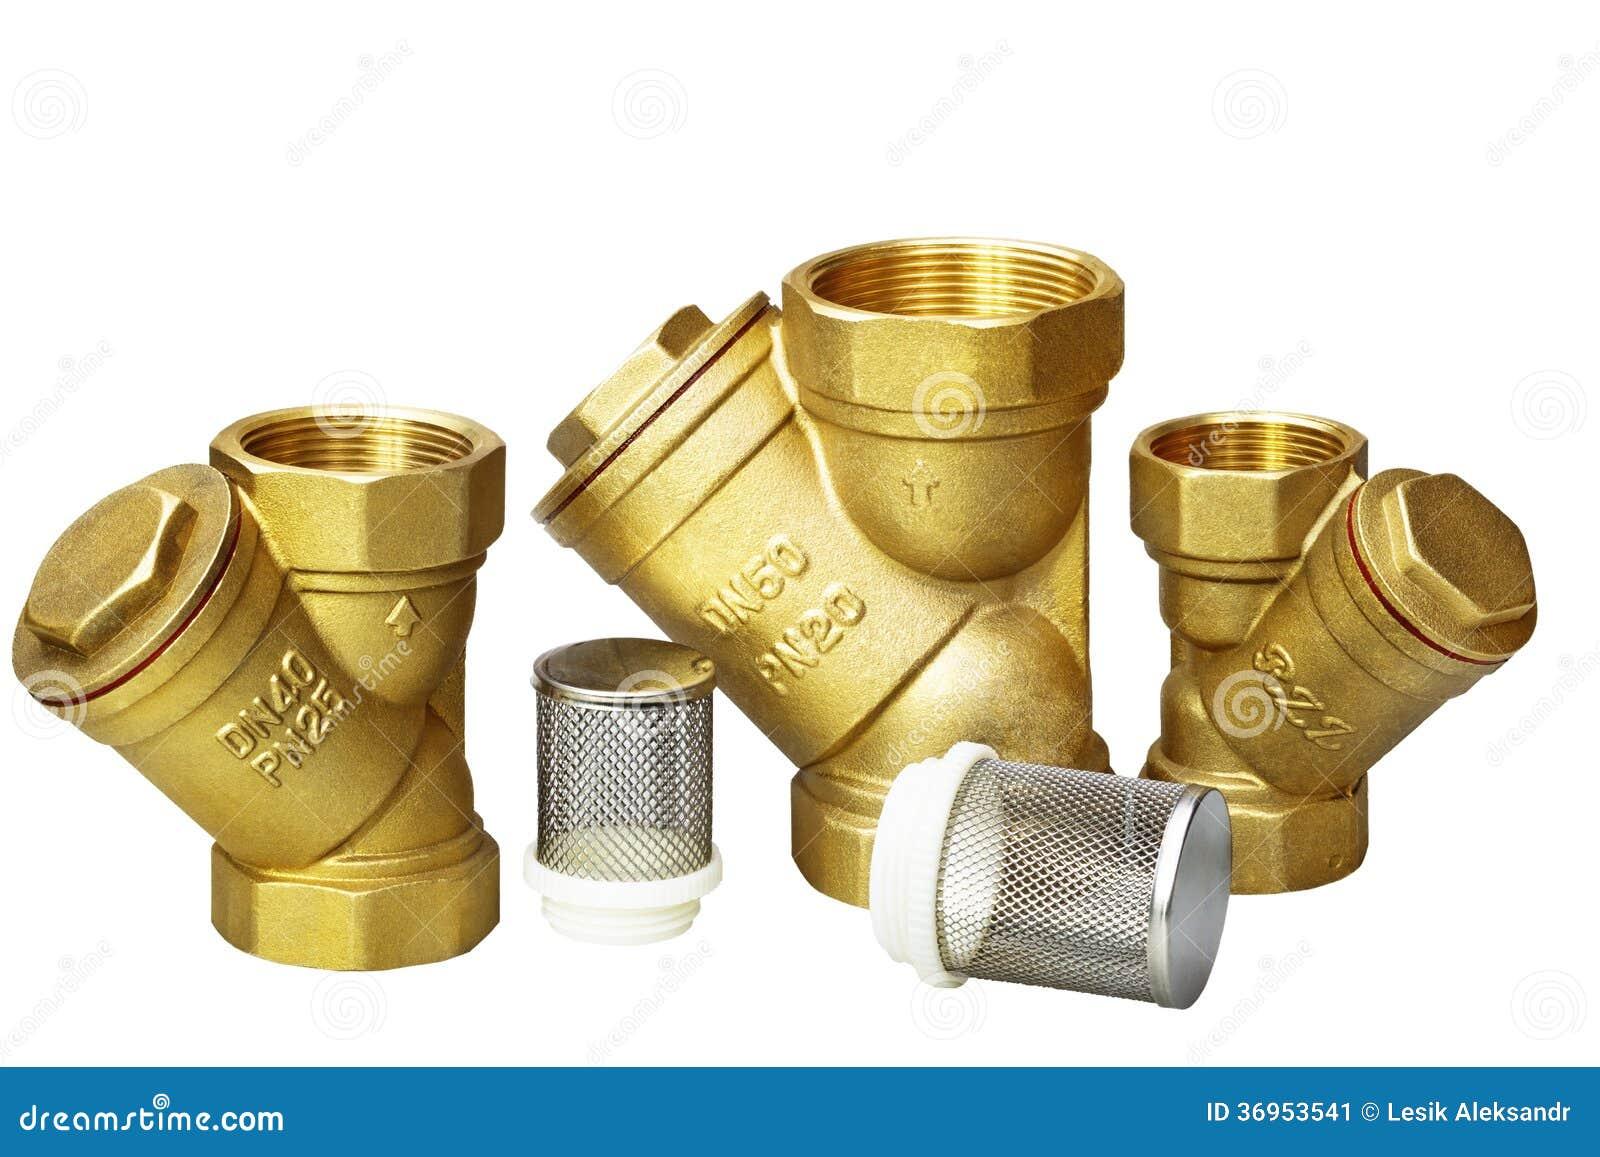 Accesorios de fontaner a y piezas aflautadas imagen de - Accesorios de fontaneria ...